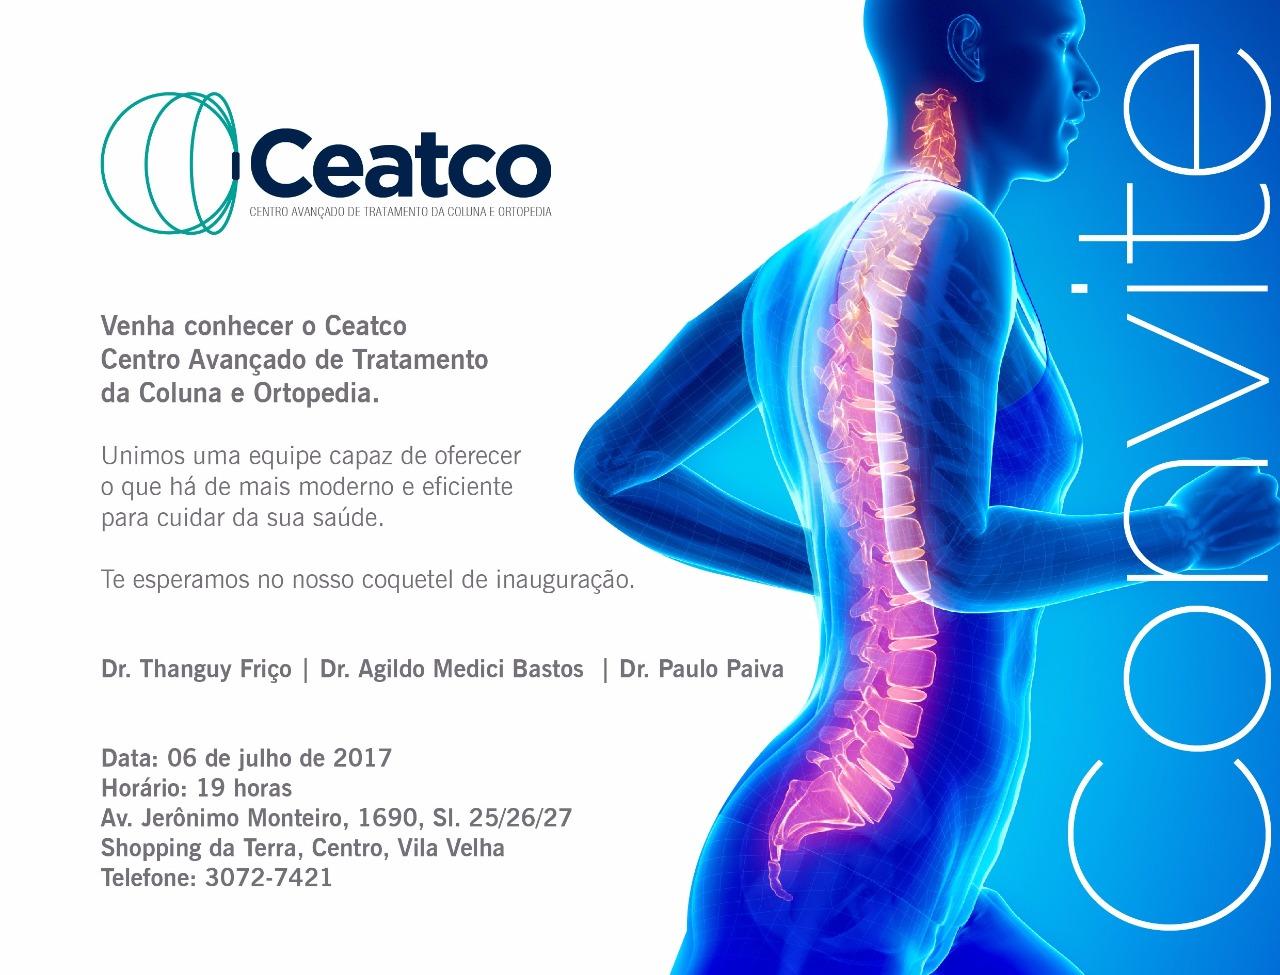 CEATCO - Centro Avançado de Tratamento da Coluna e Ortopedia